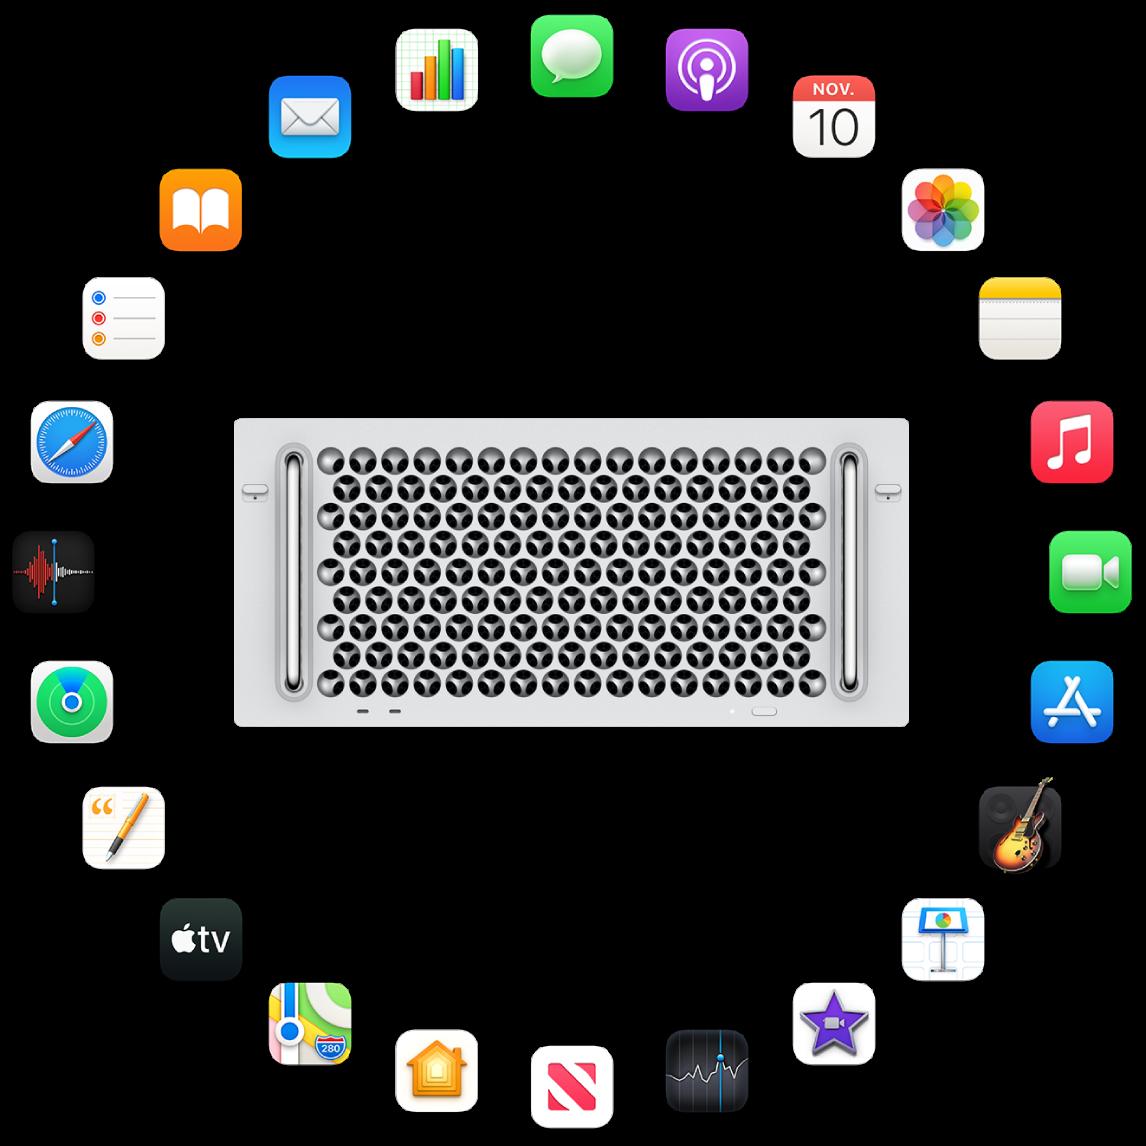 Mac Pro rodeado pelos ícones dos apps que vêm instalados e que são descritos nas seções a seguir.